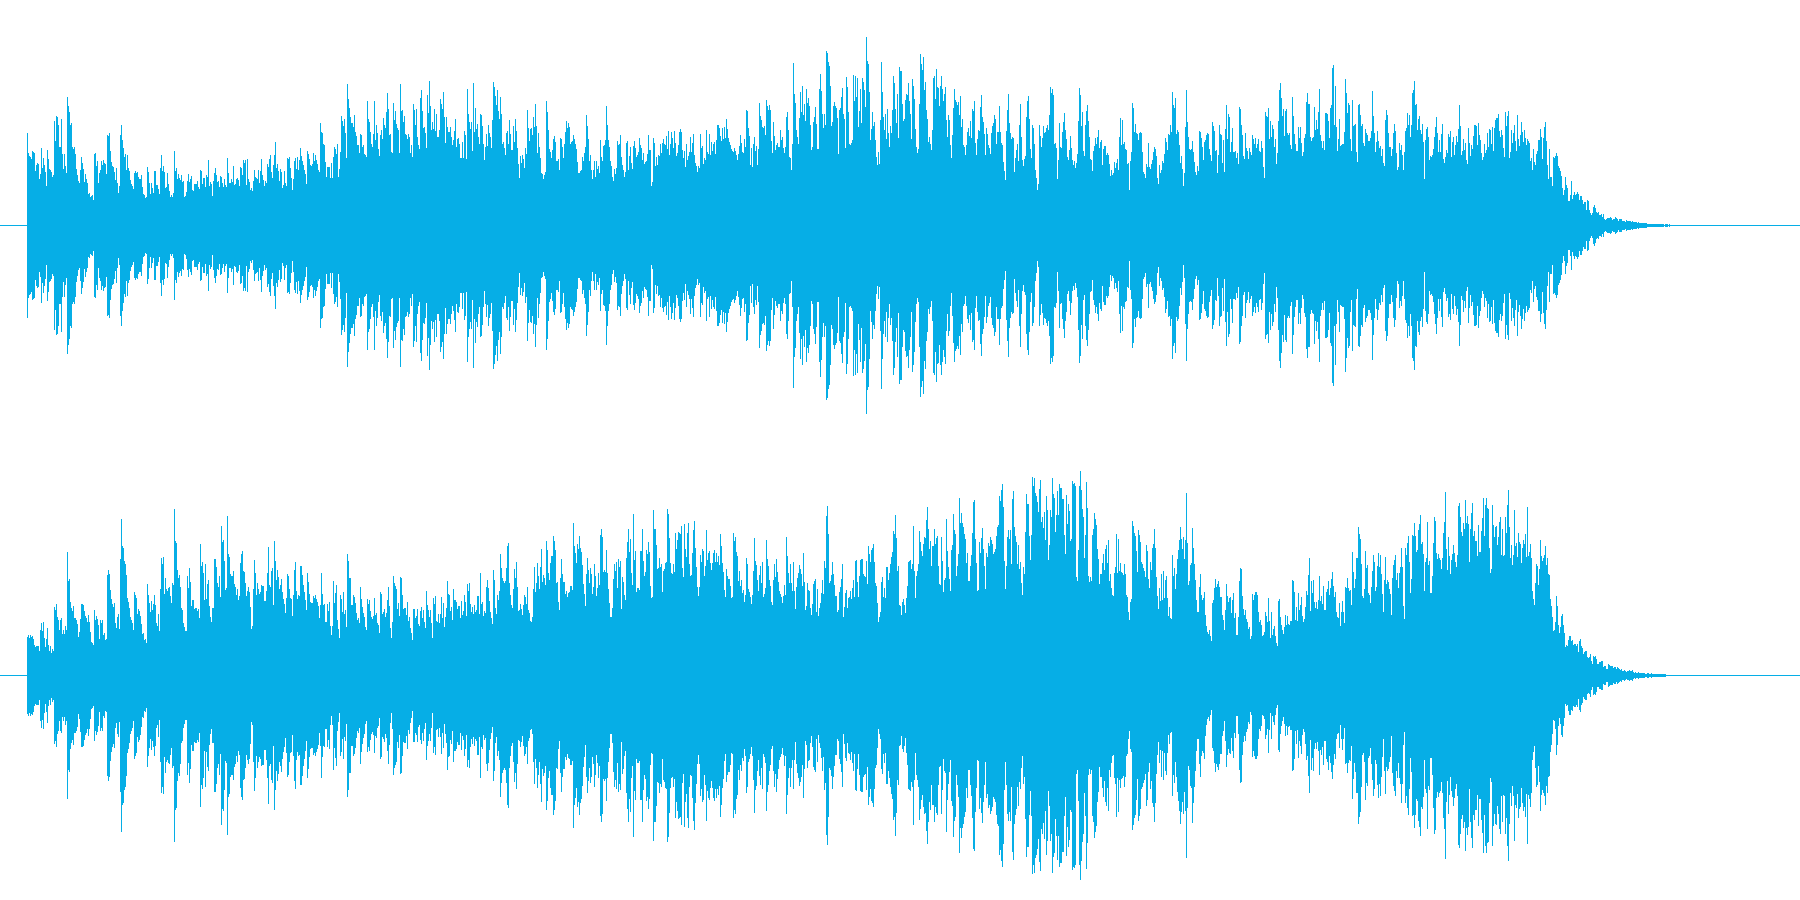 ジングルに最適なキラキラした効果音の再生済みの波形